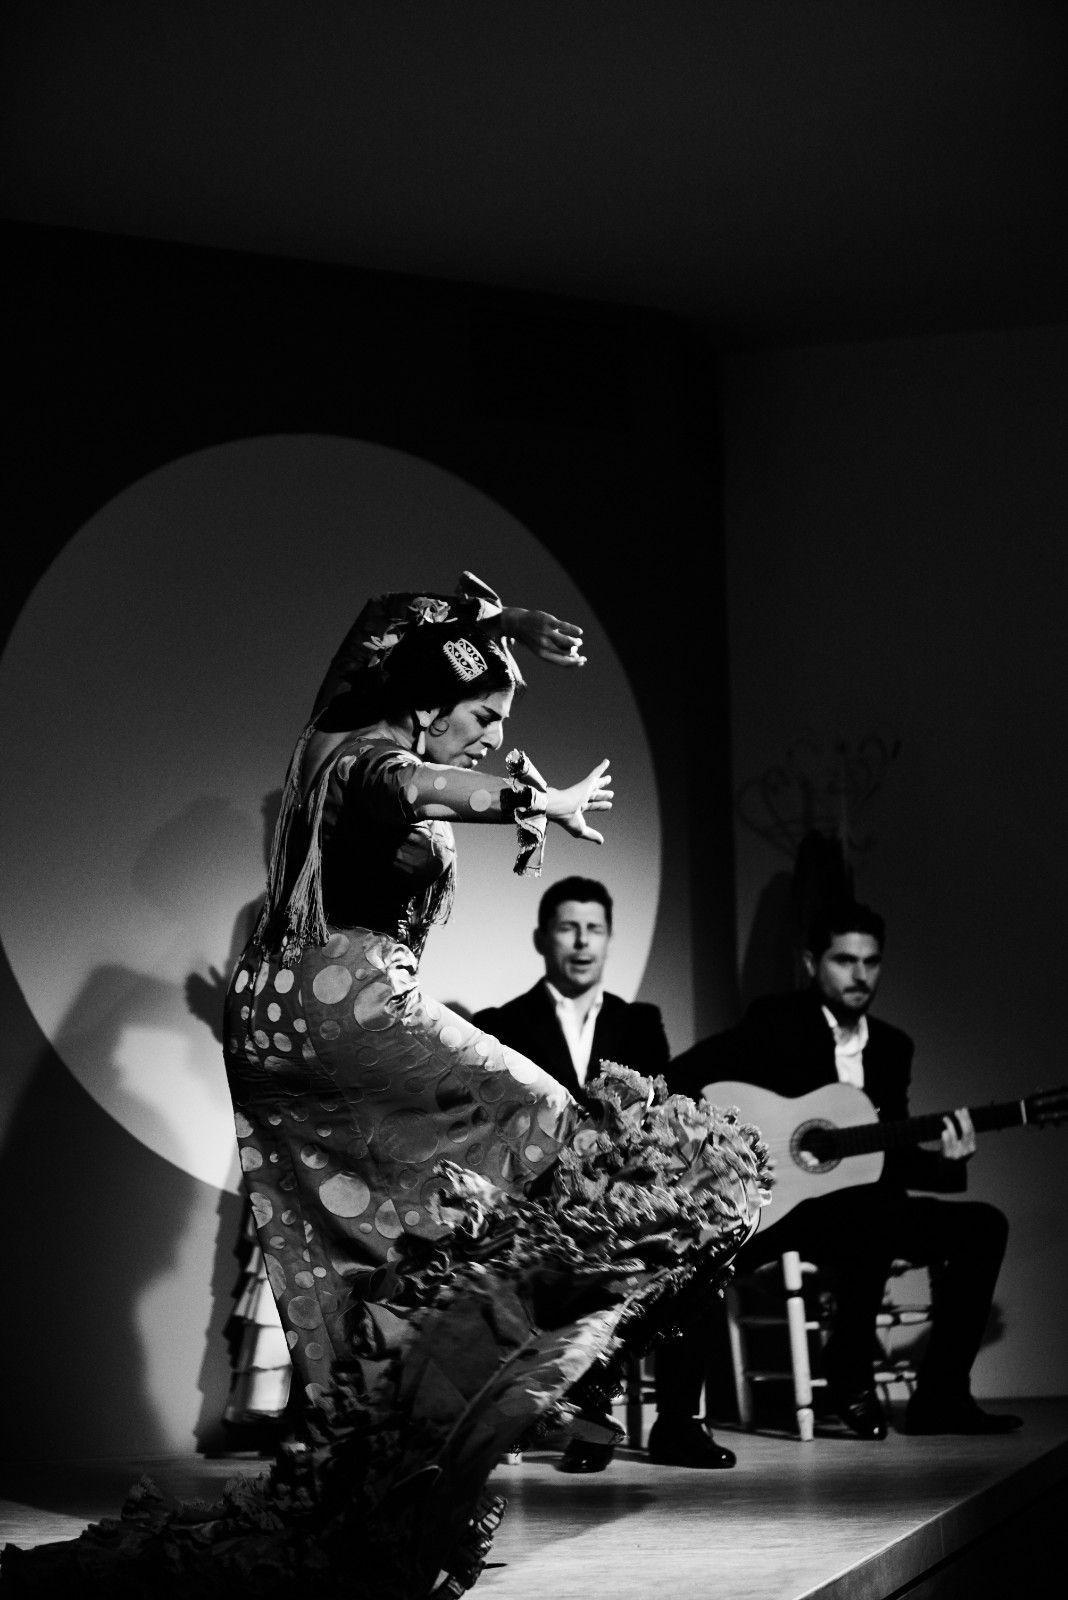 Lorca Poeta Flamenco Foto C. Ruiz